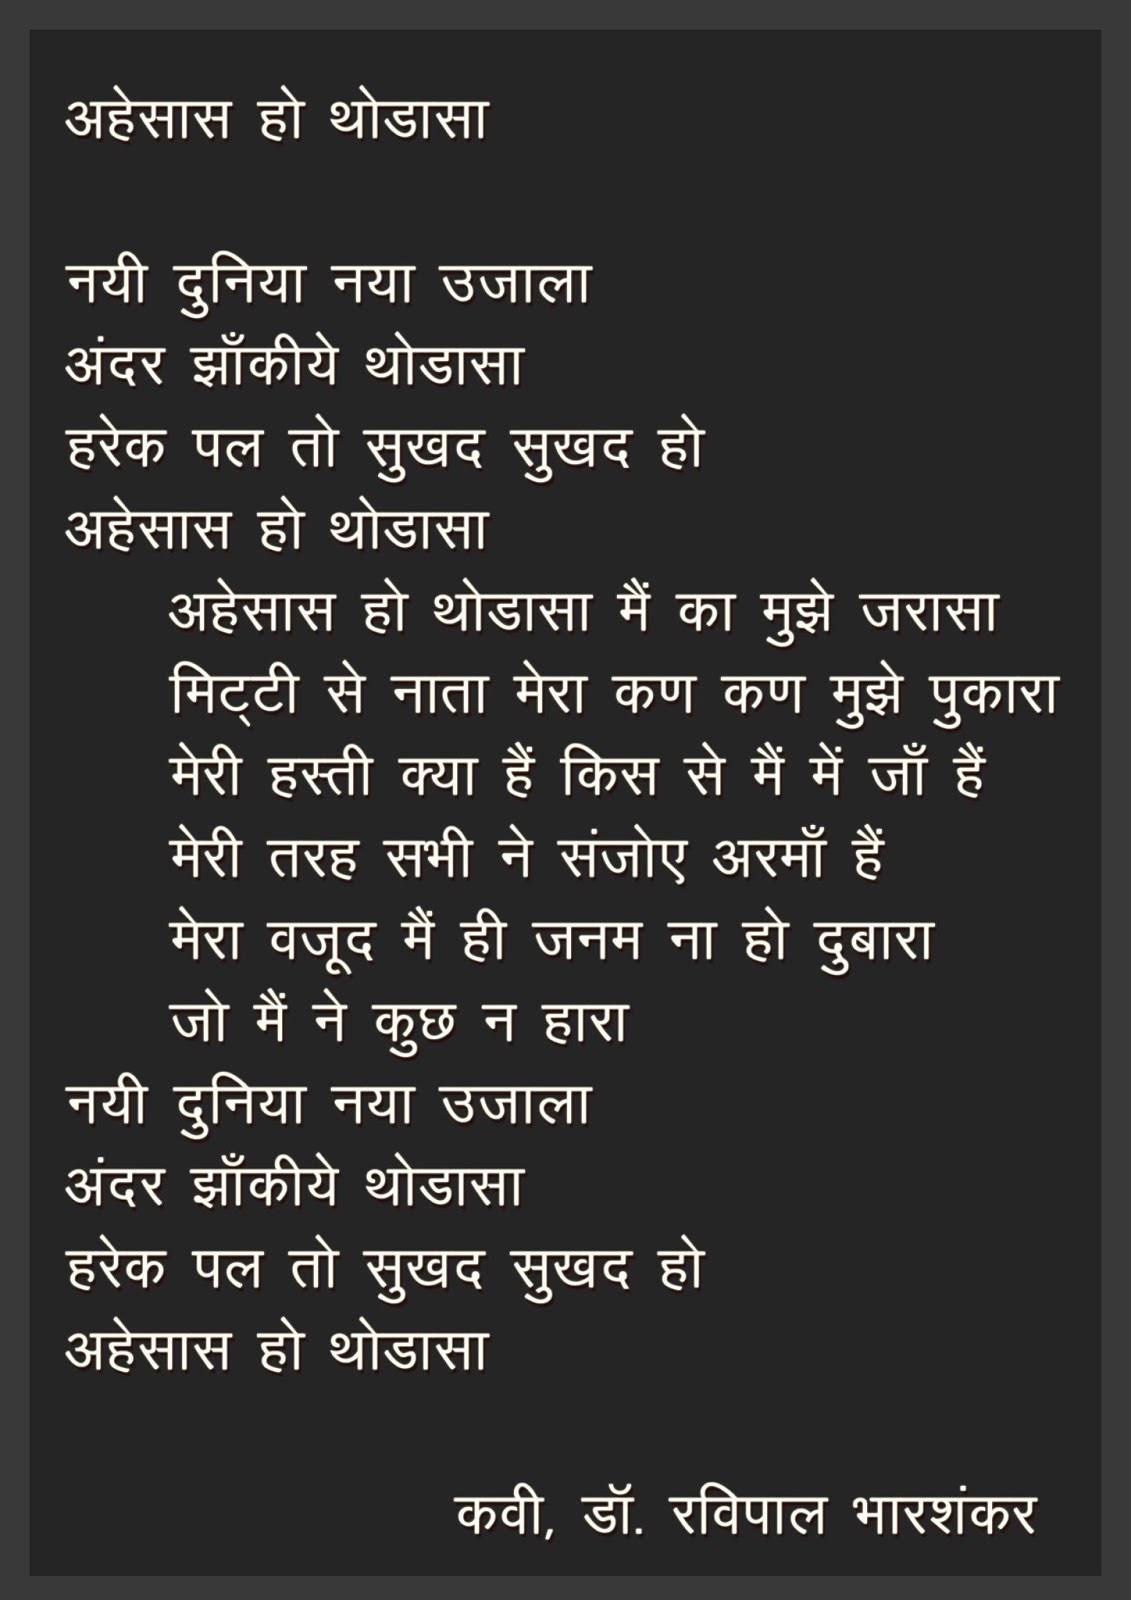 Hindi Poems of Dr  Ravipal Bharshankar: Spiritual Poems